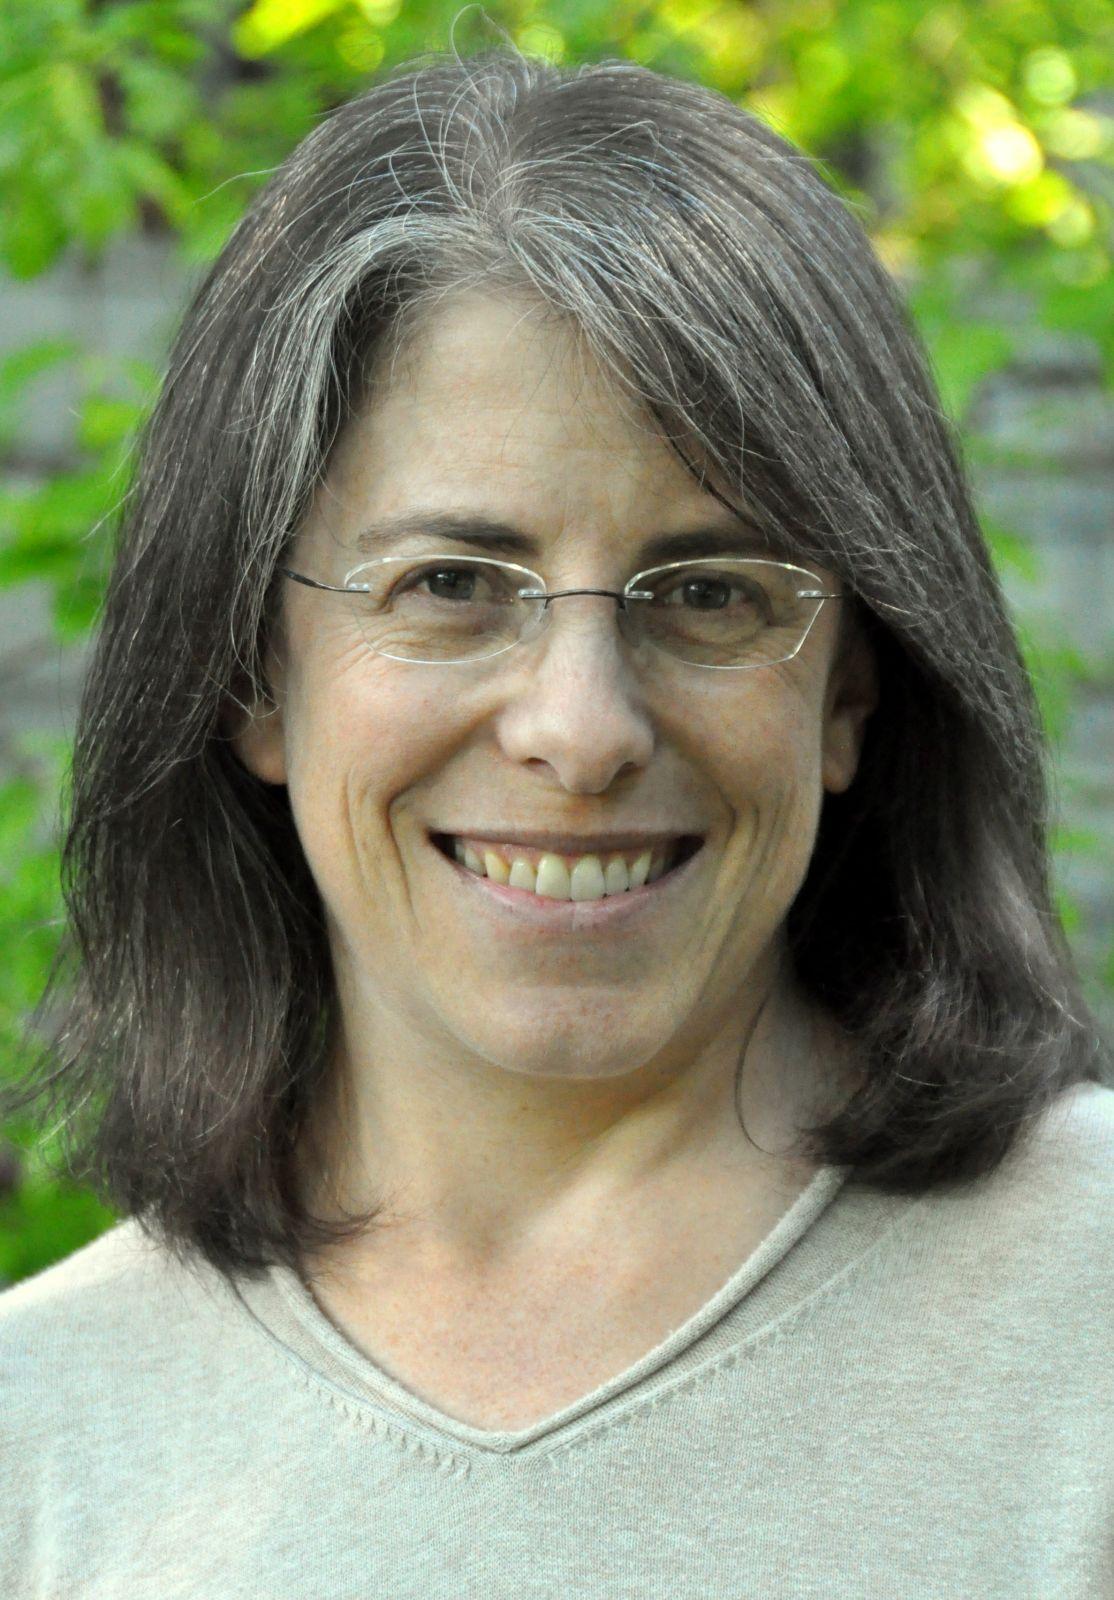 A photo of Sarah Felstiner